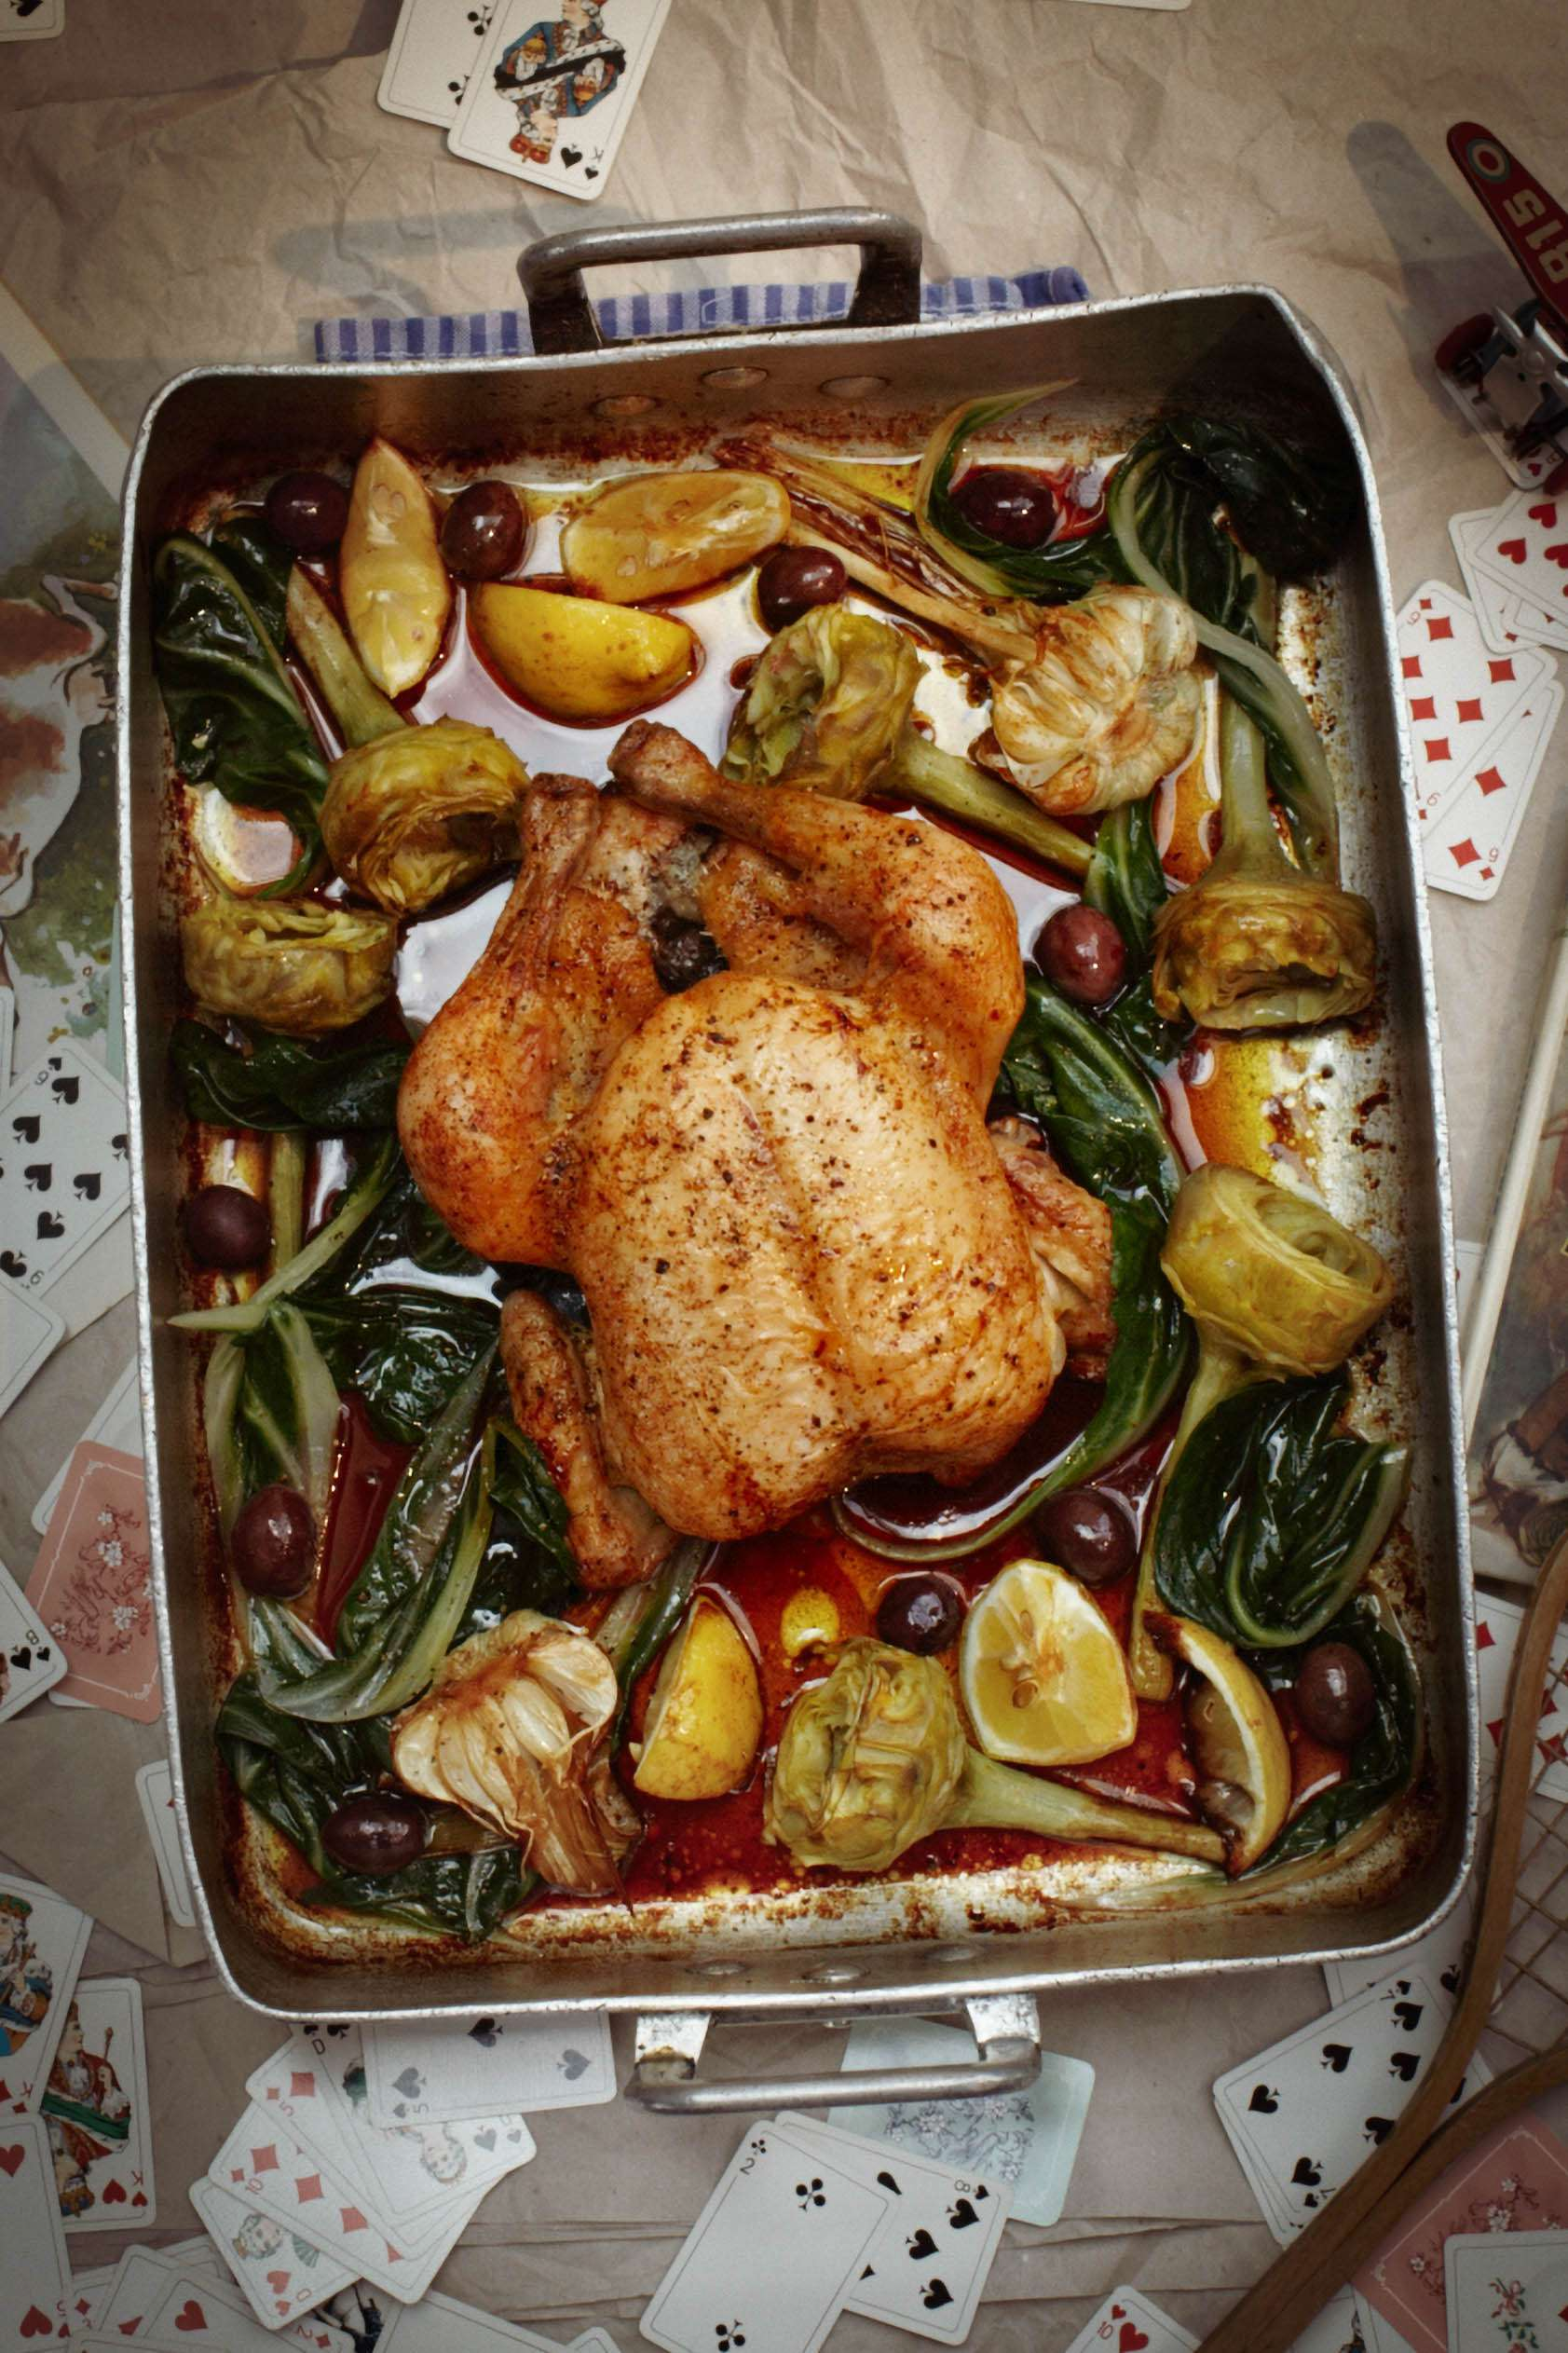 Huhn mit Mangold und Artischocken aus dem Ofen